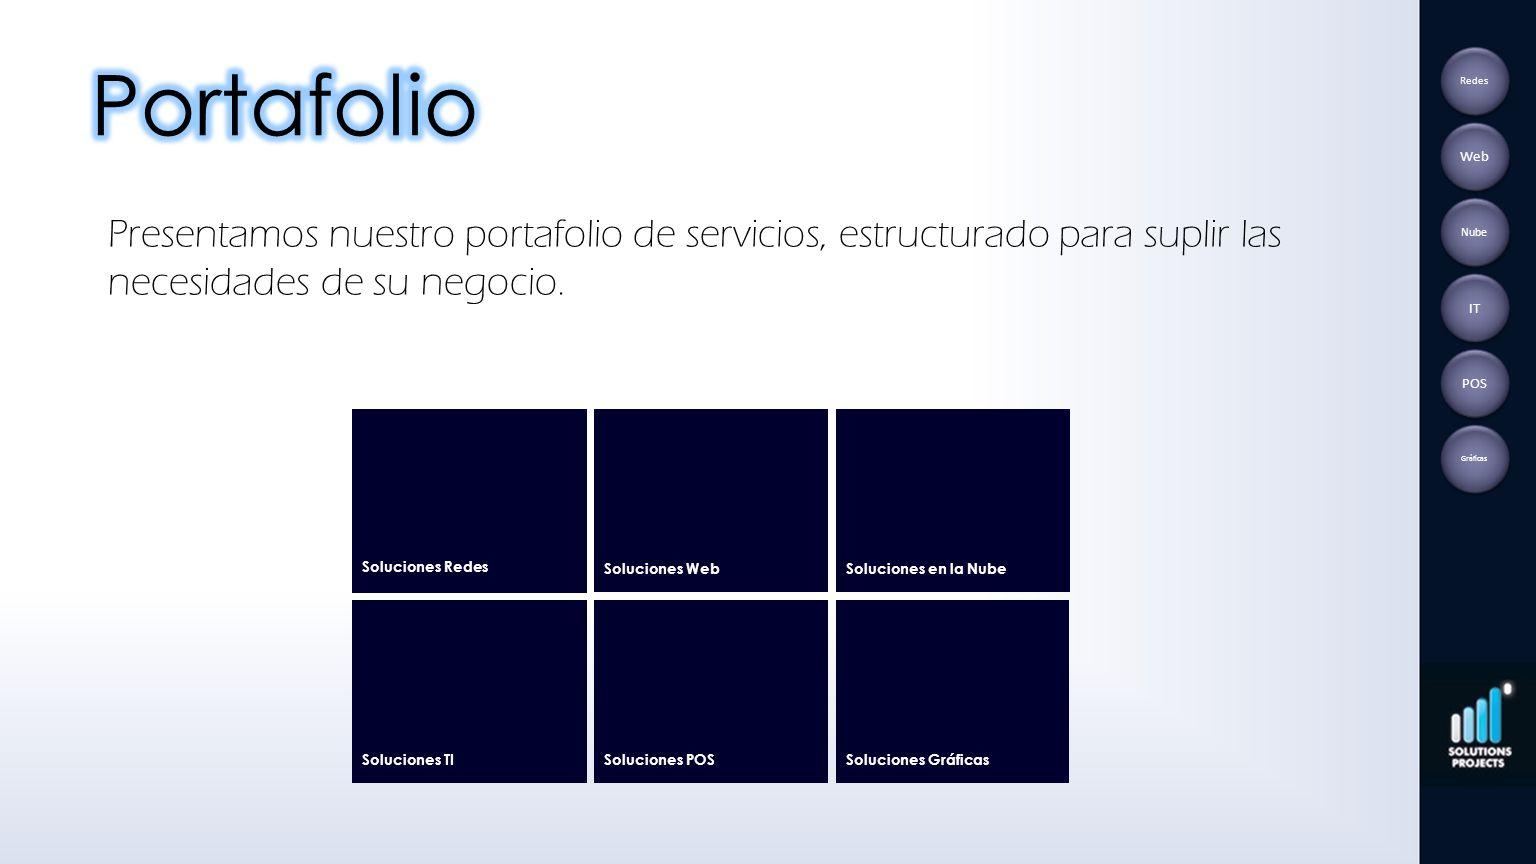 Portafolio Redes. Web. Presentamos nuestro portafolio de servicios, estructurado para suplir las necesidades de su negocio.